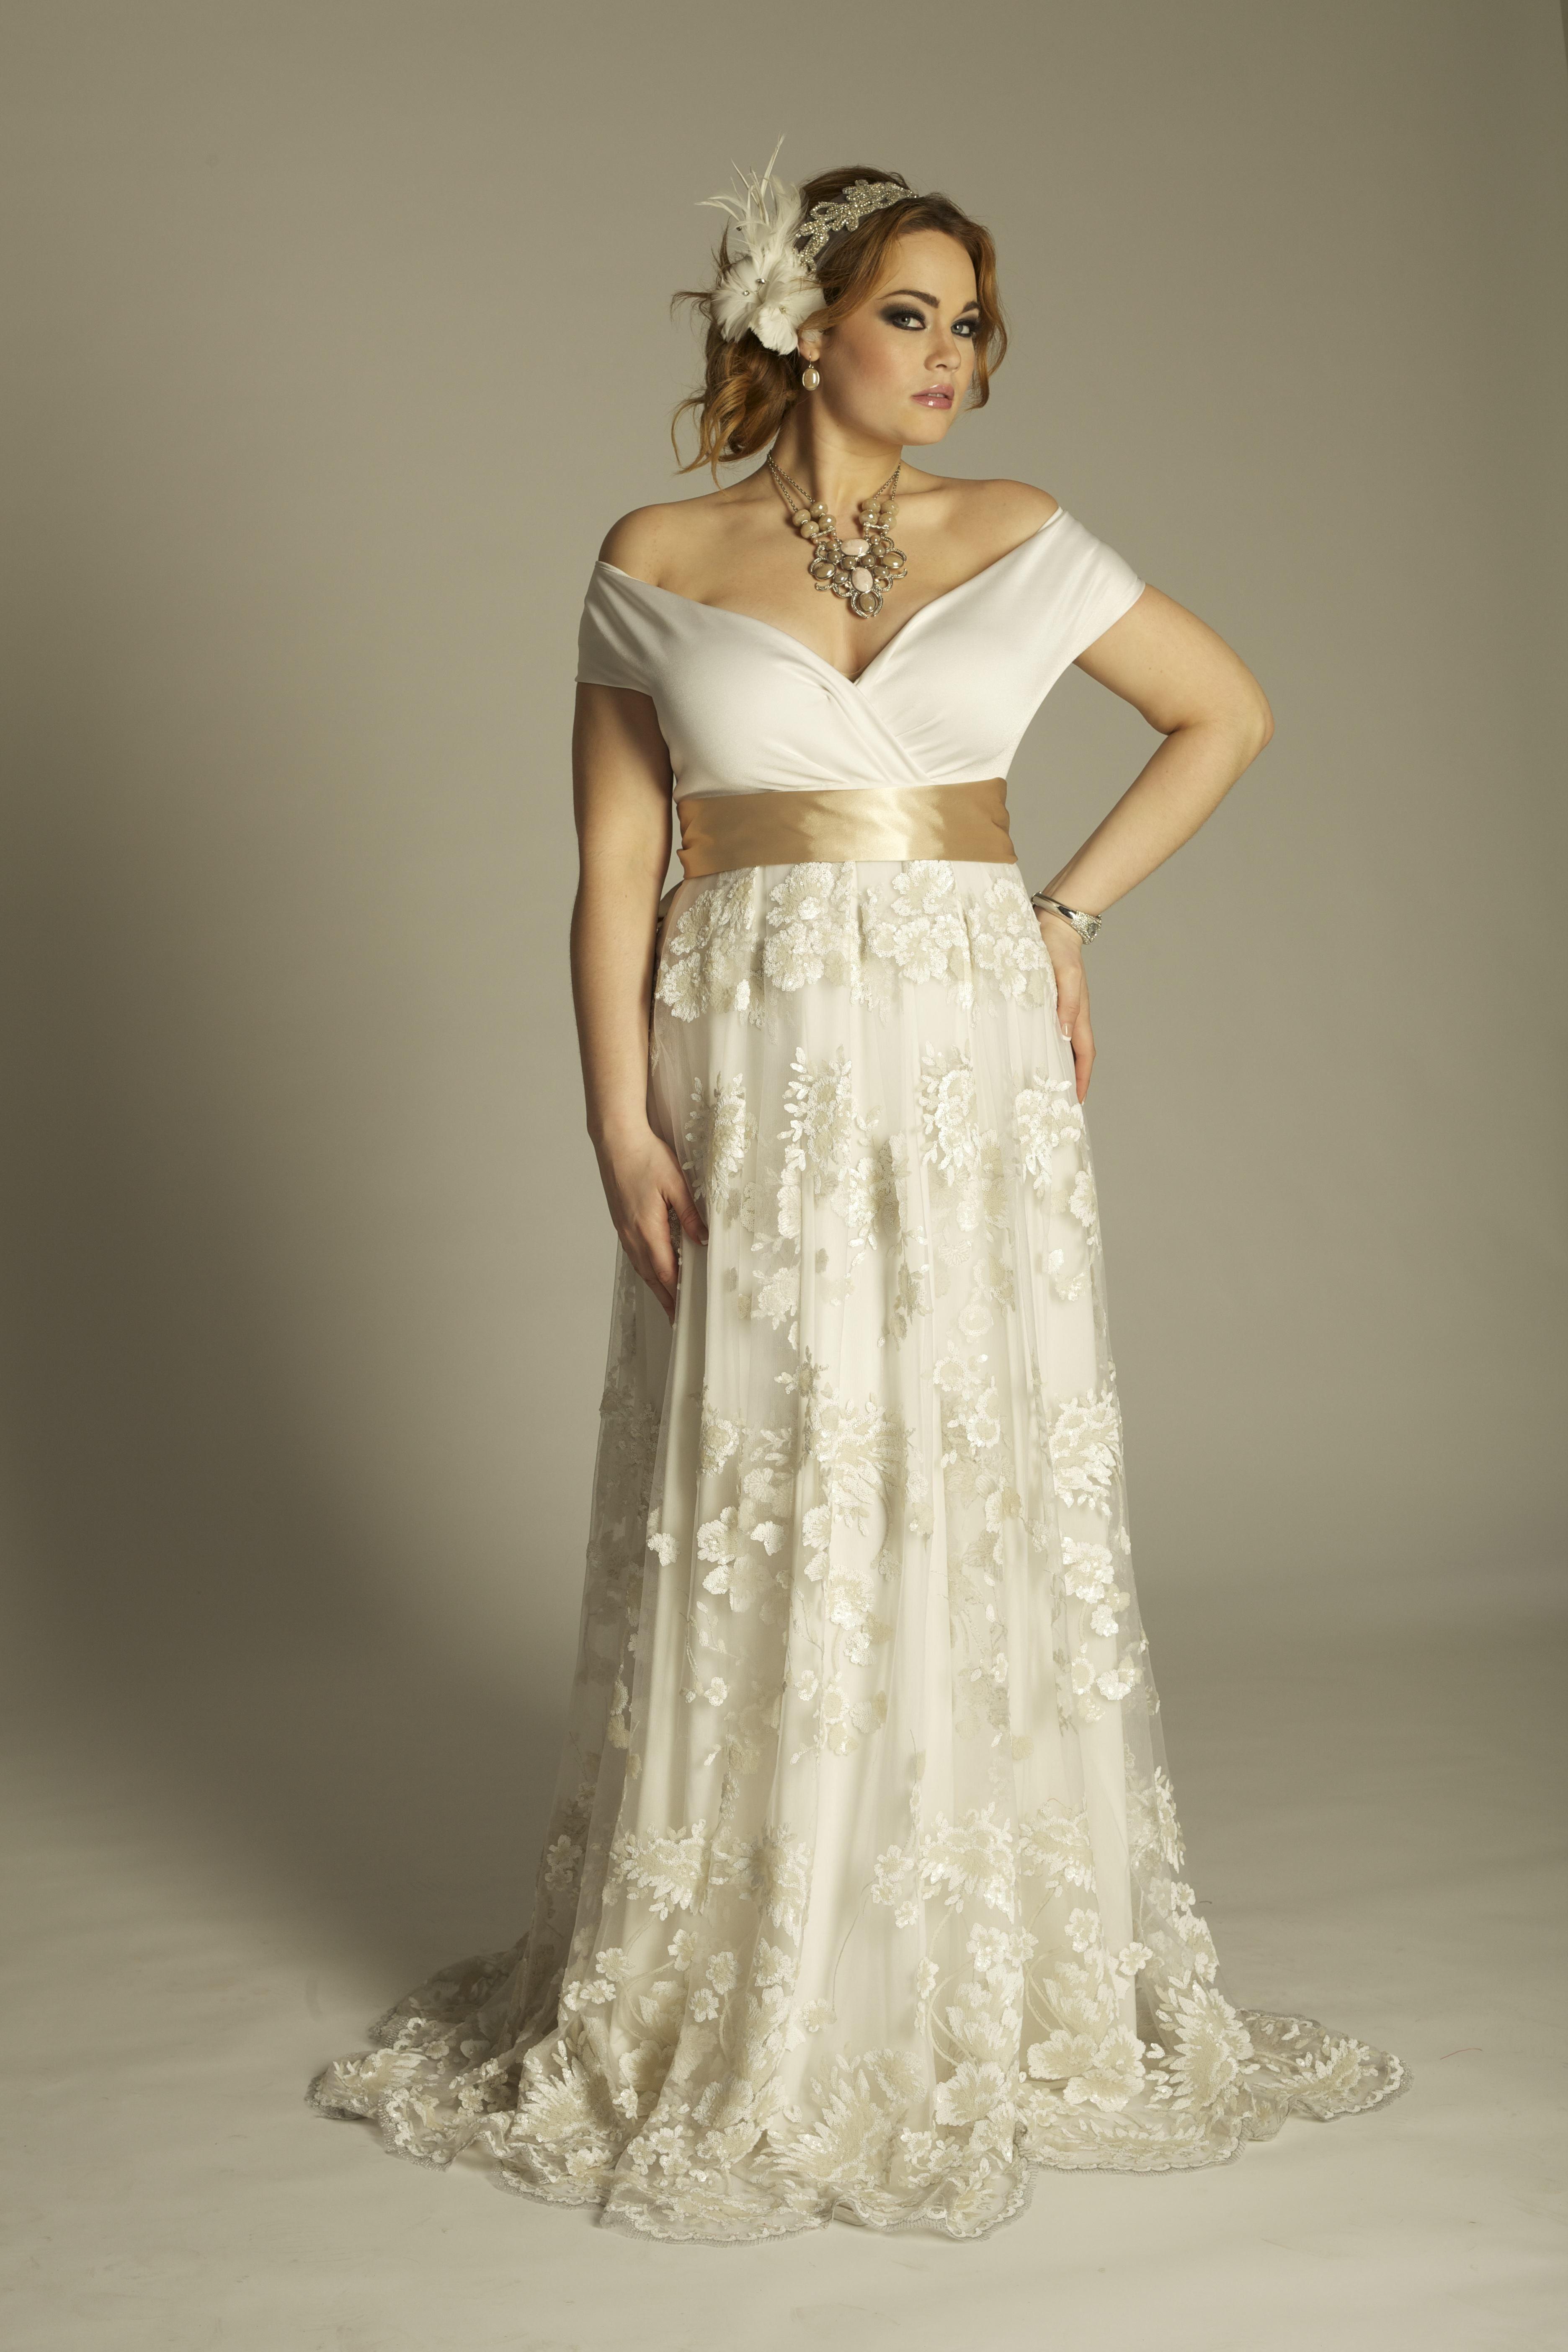 Eugenia Gown By Igigi Gorgeous Rockabilly Pinterest